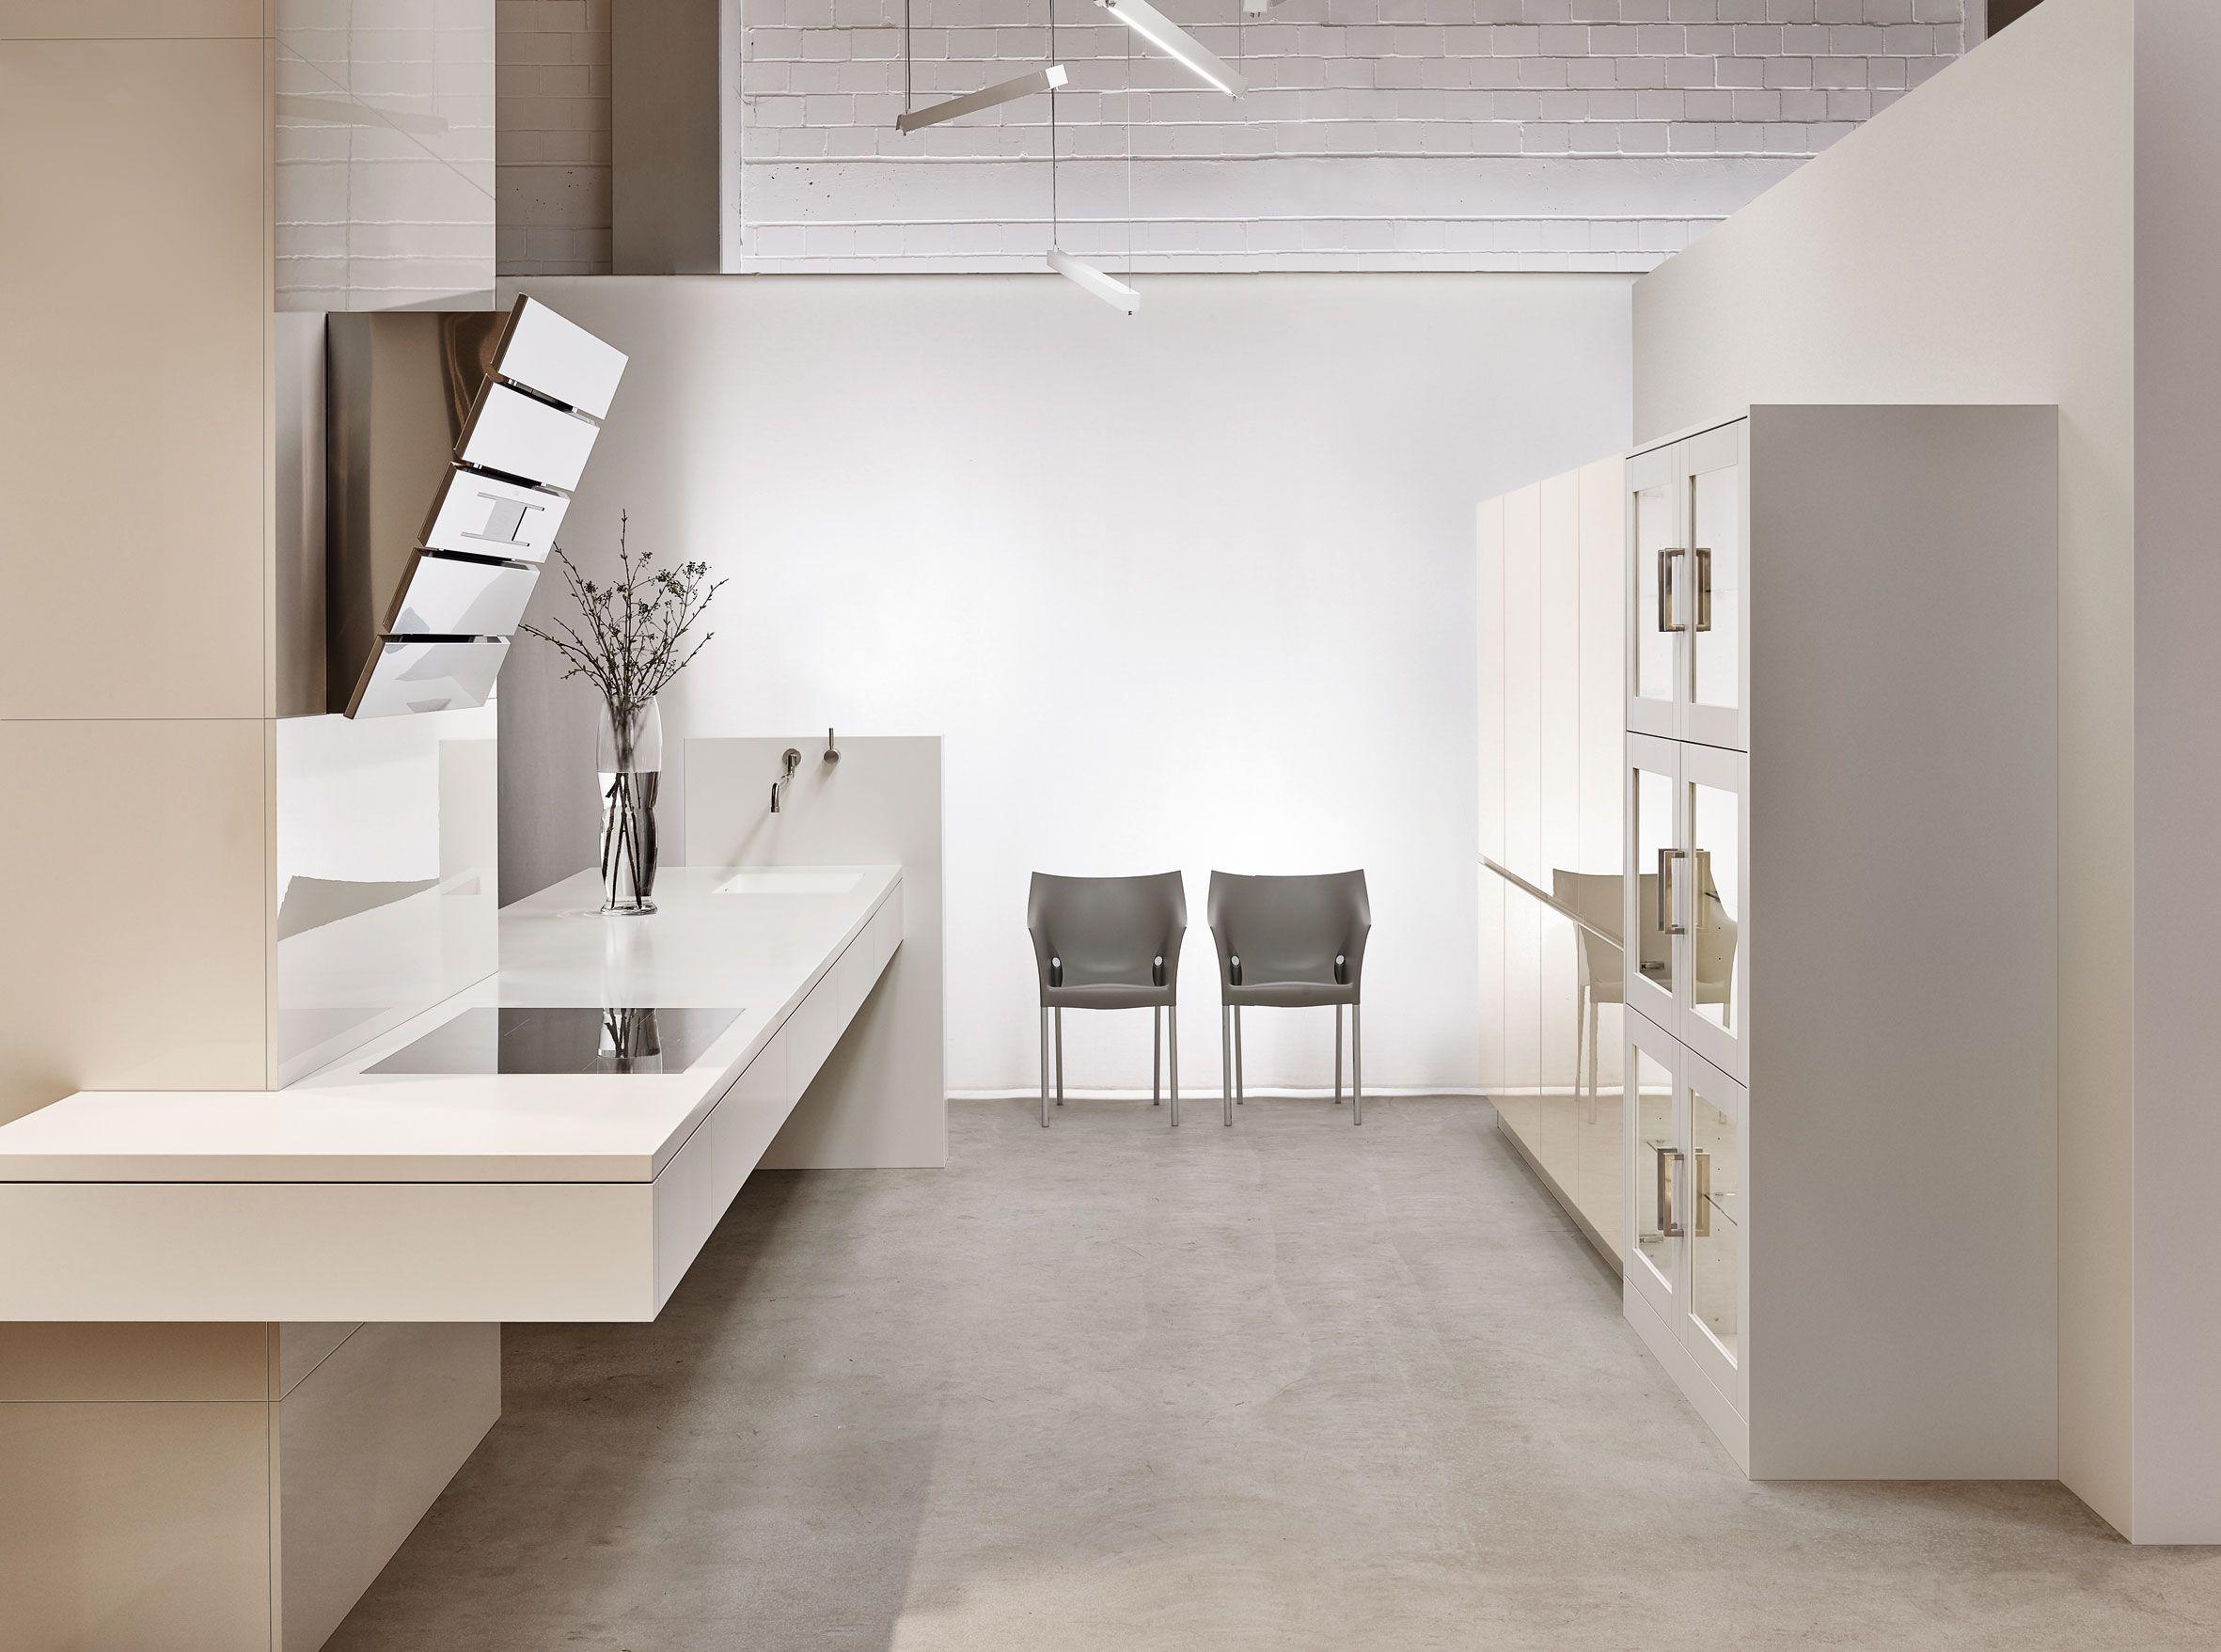 KH Küche: Premiumweiss + Hochglanz lackiert Magnolie/ KH kitchen ...